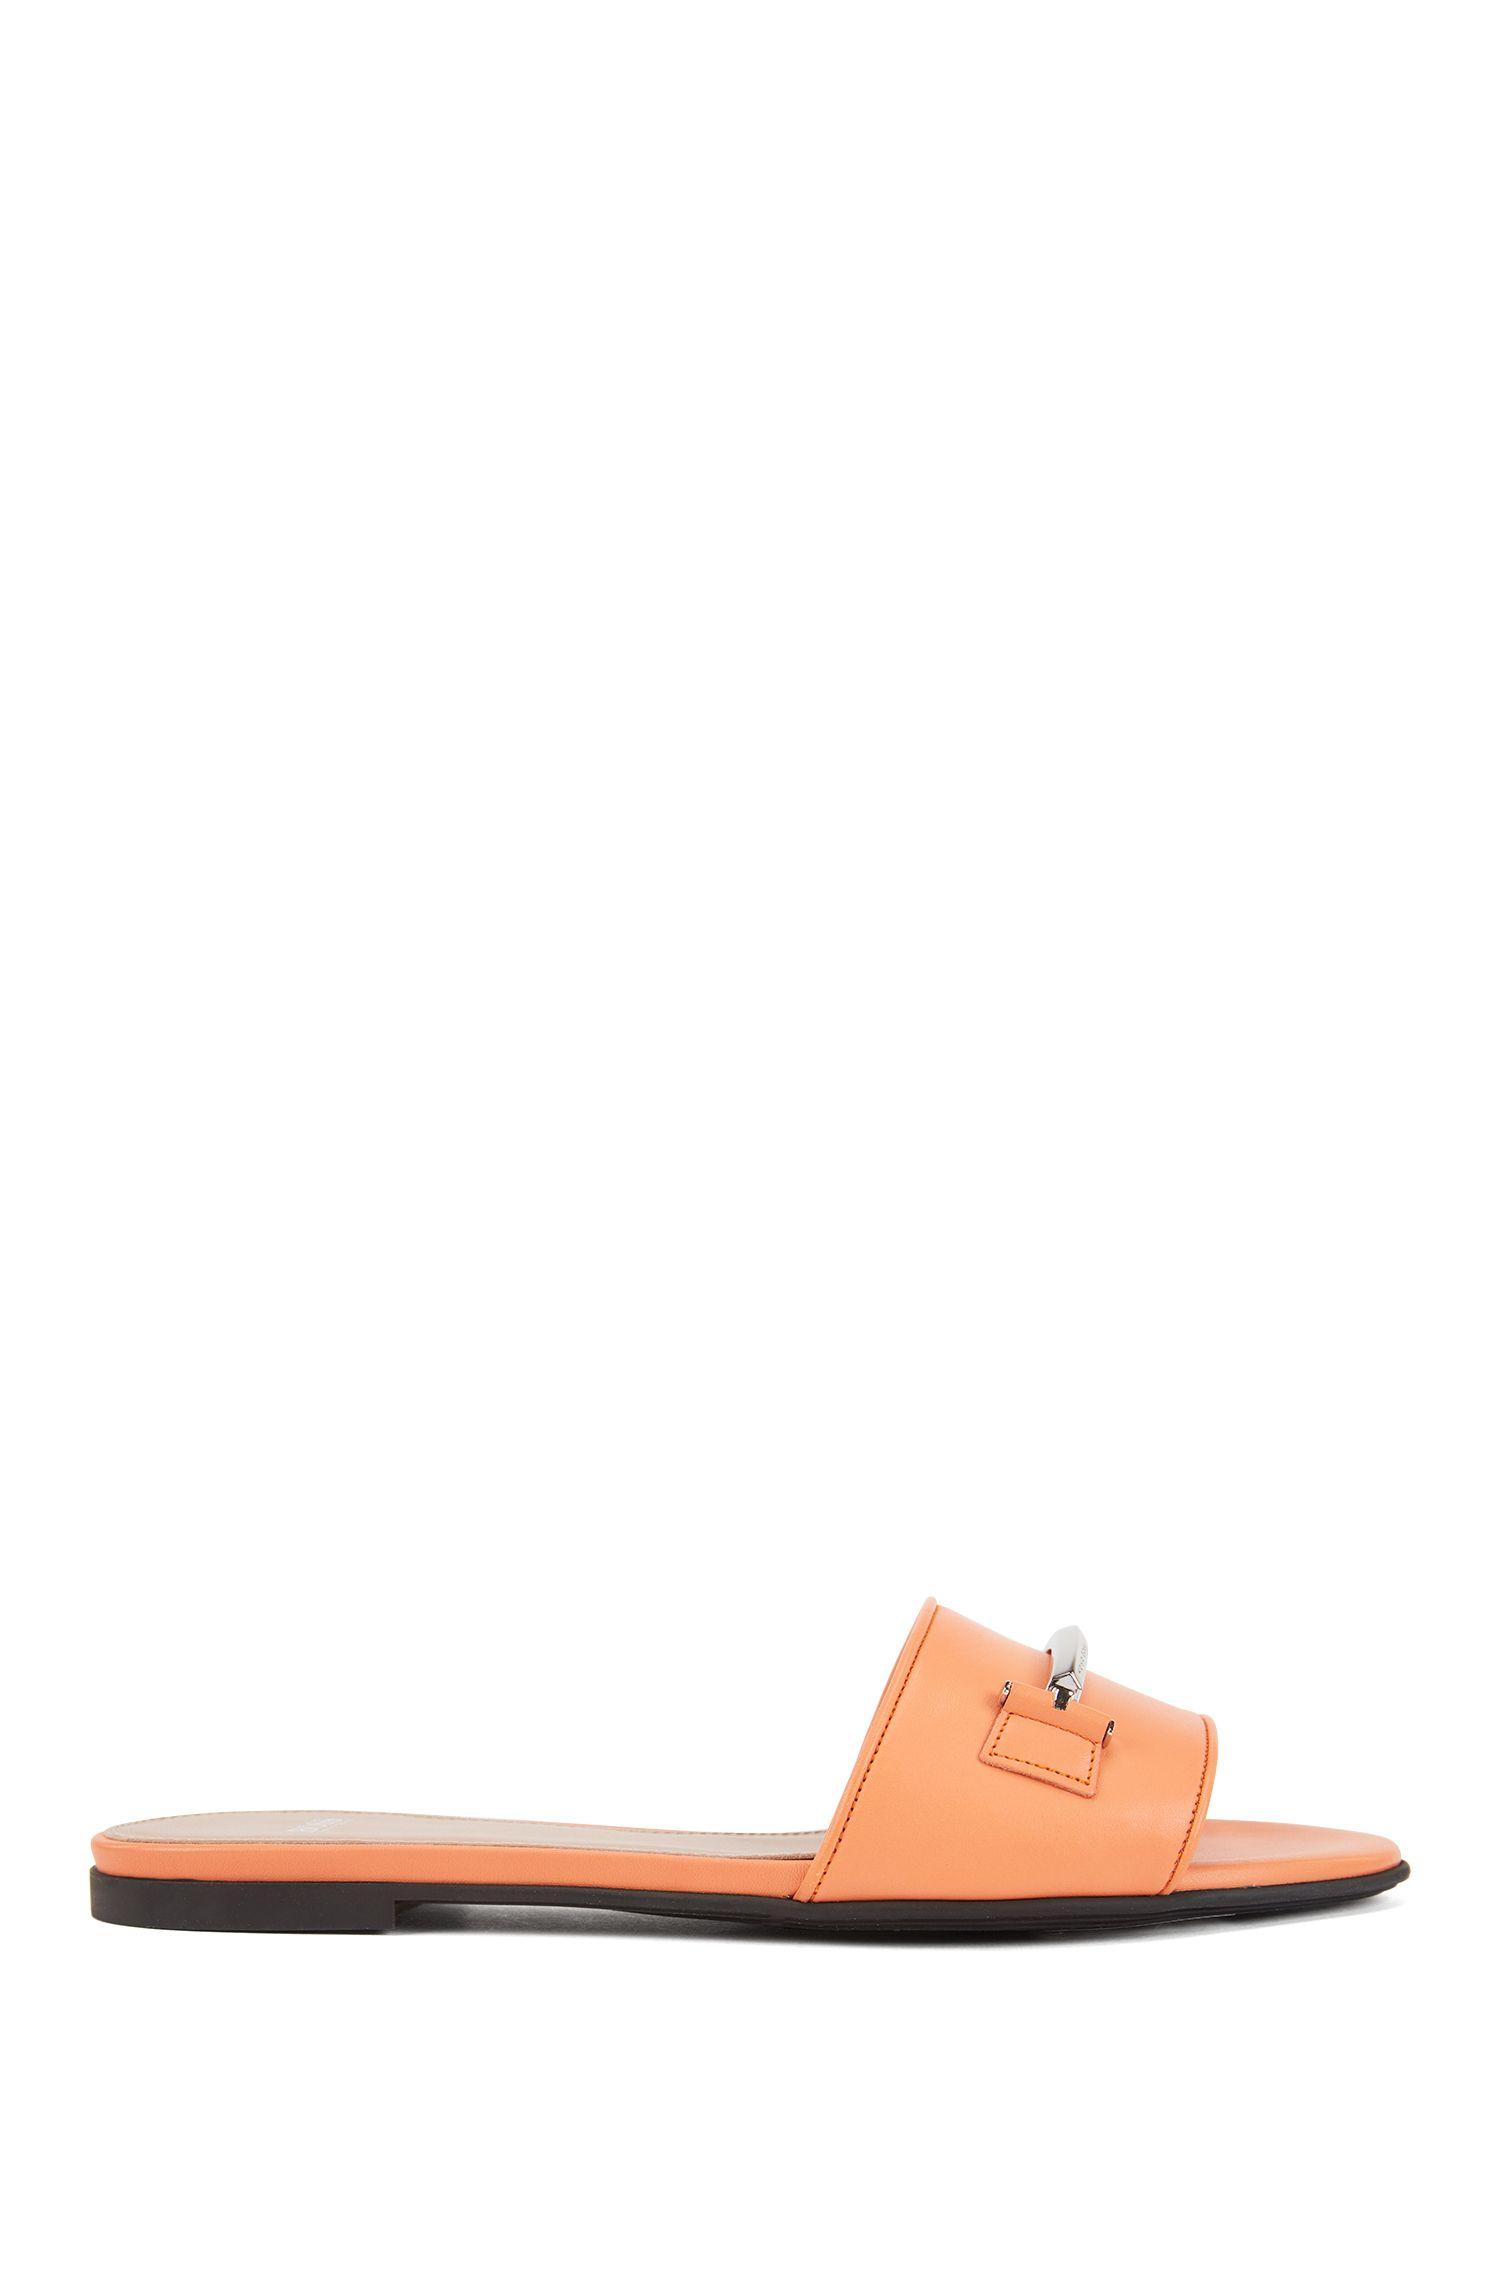 Slides aus italienischem Leder mit Metall-Detail, Orange